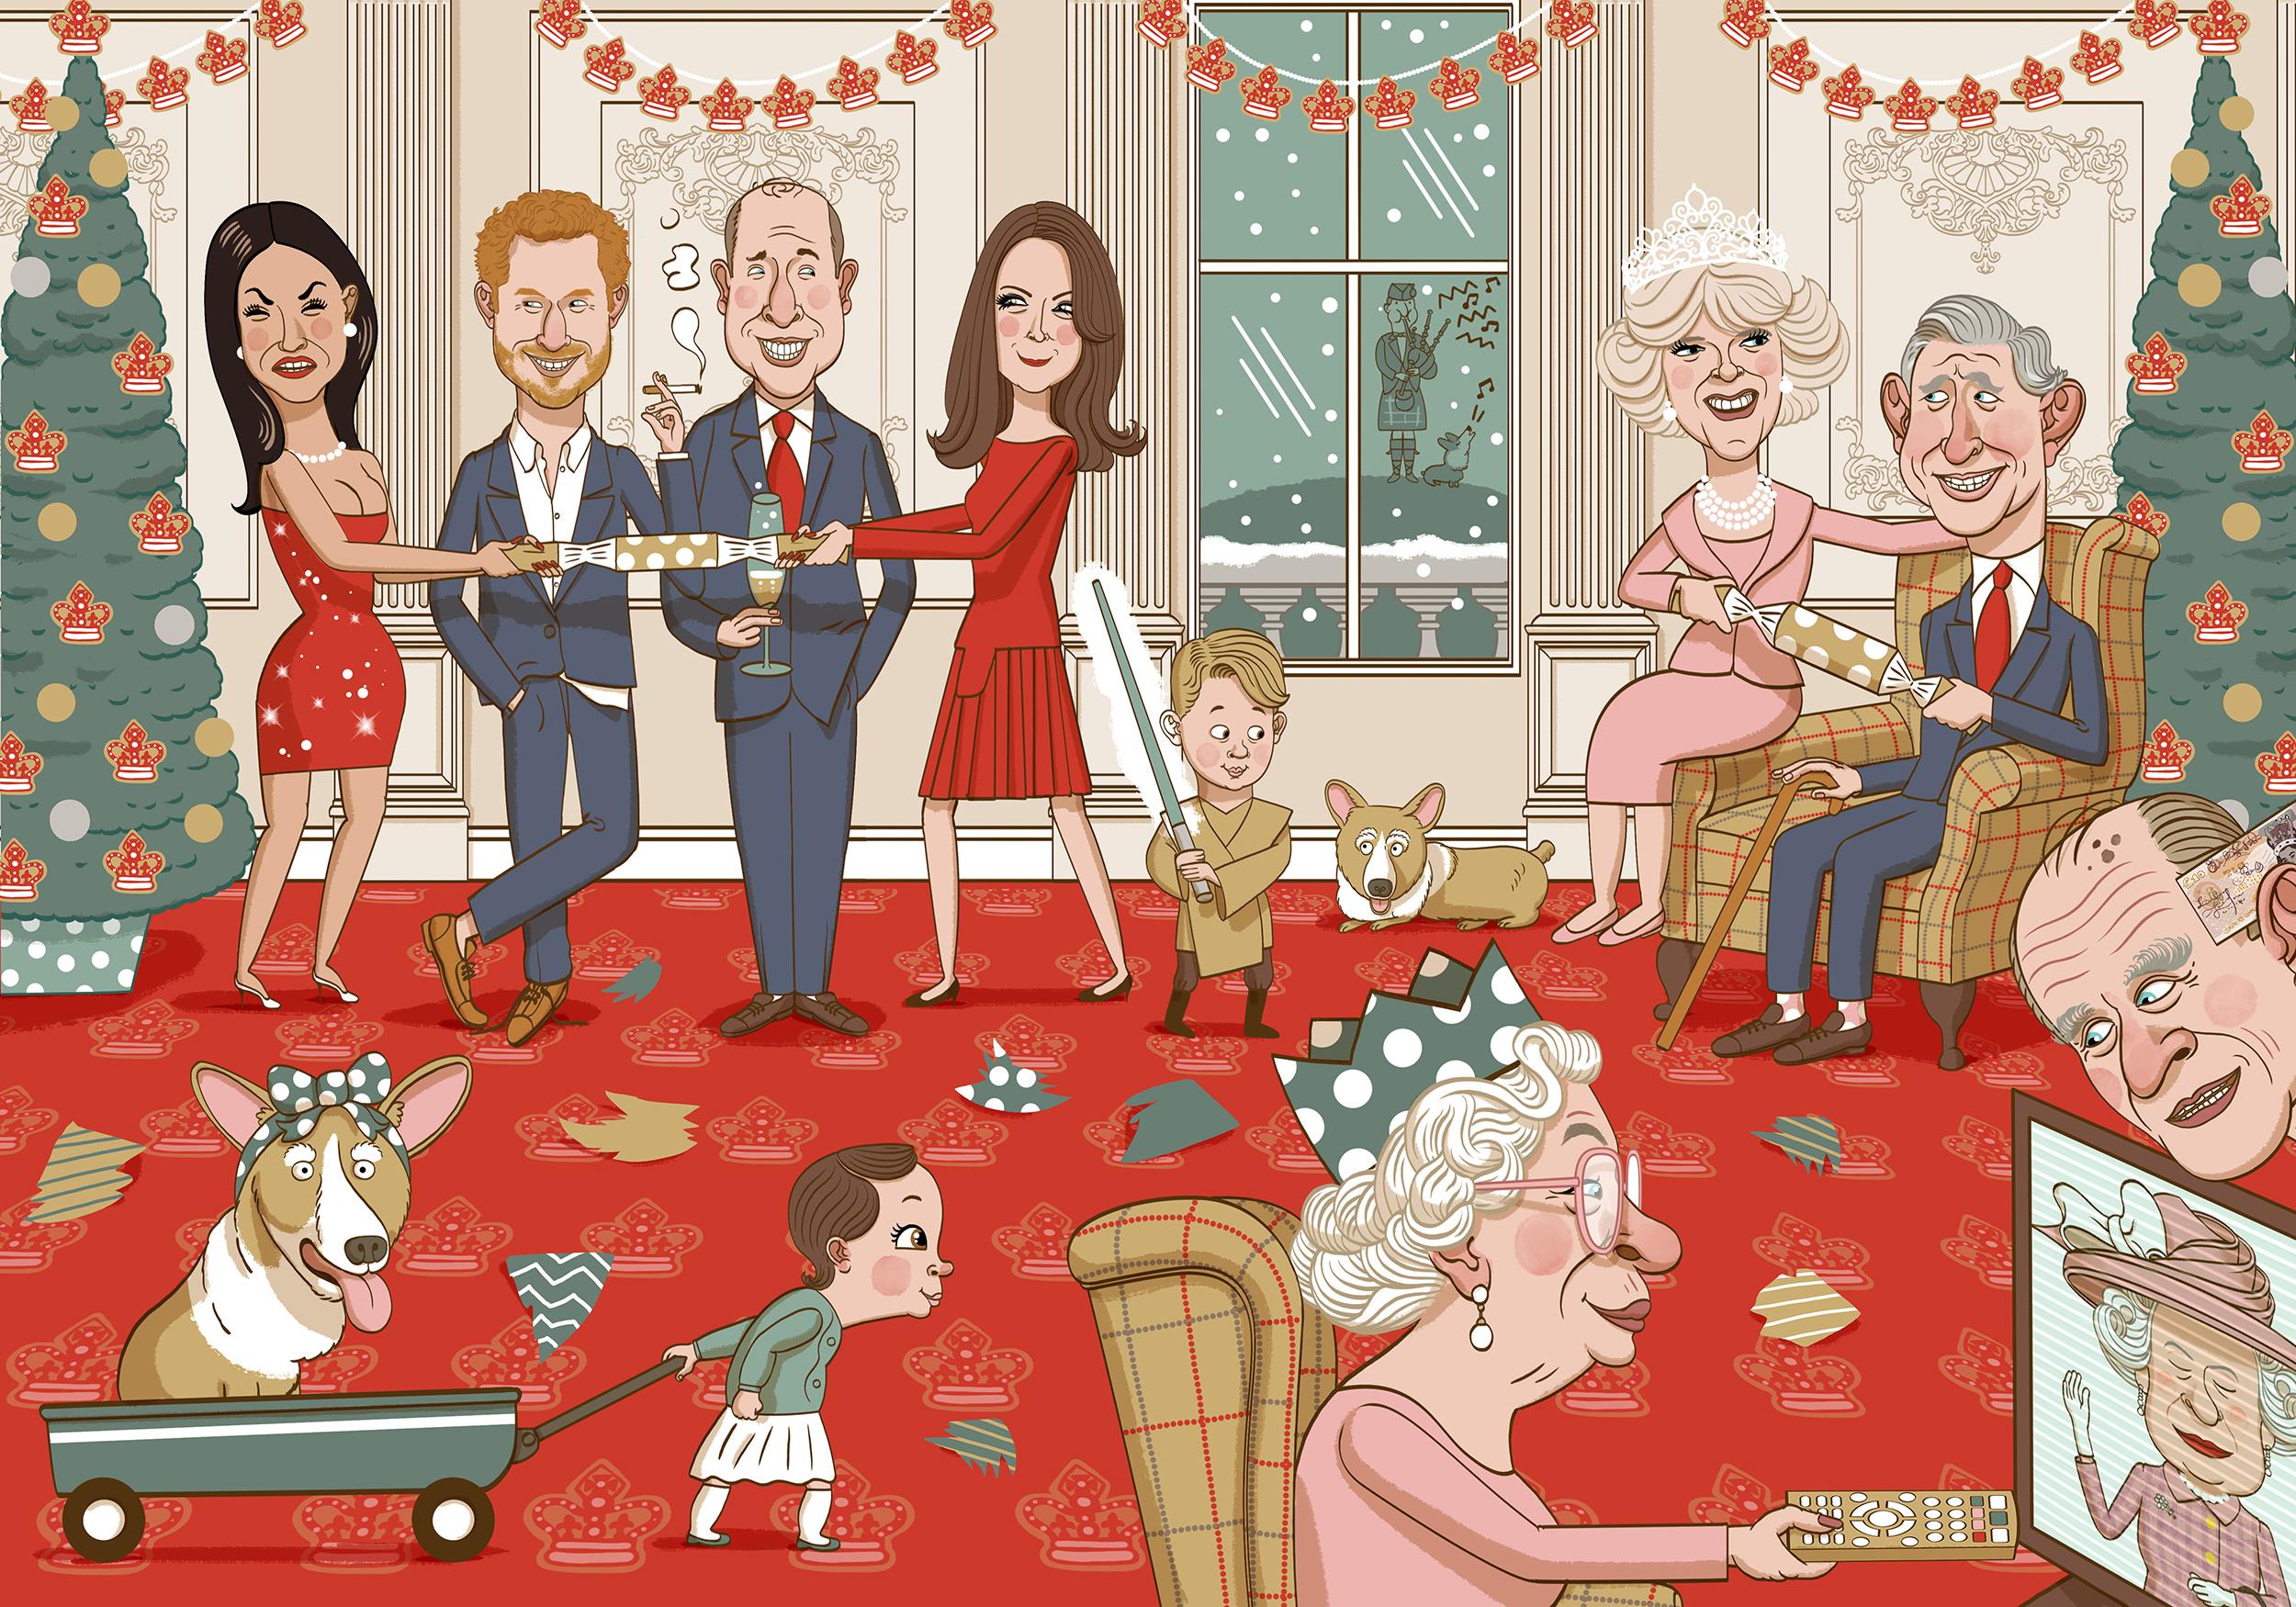 The British Royal Family at Christmas